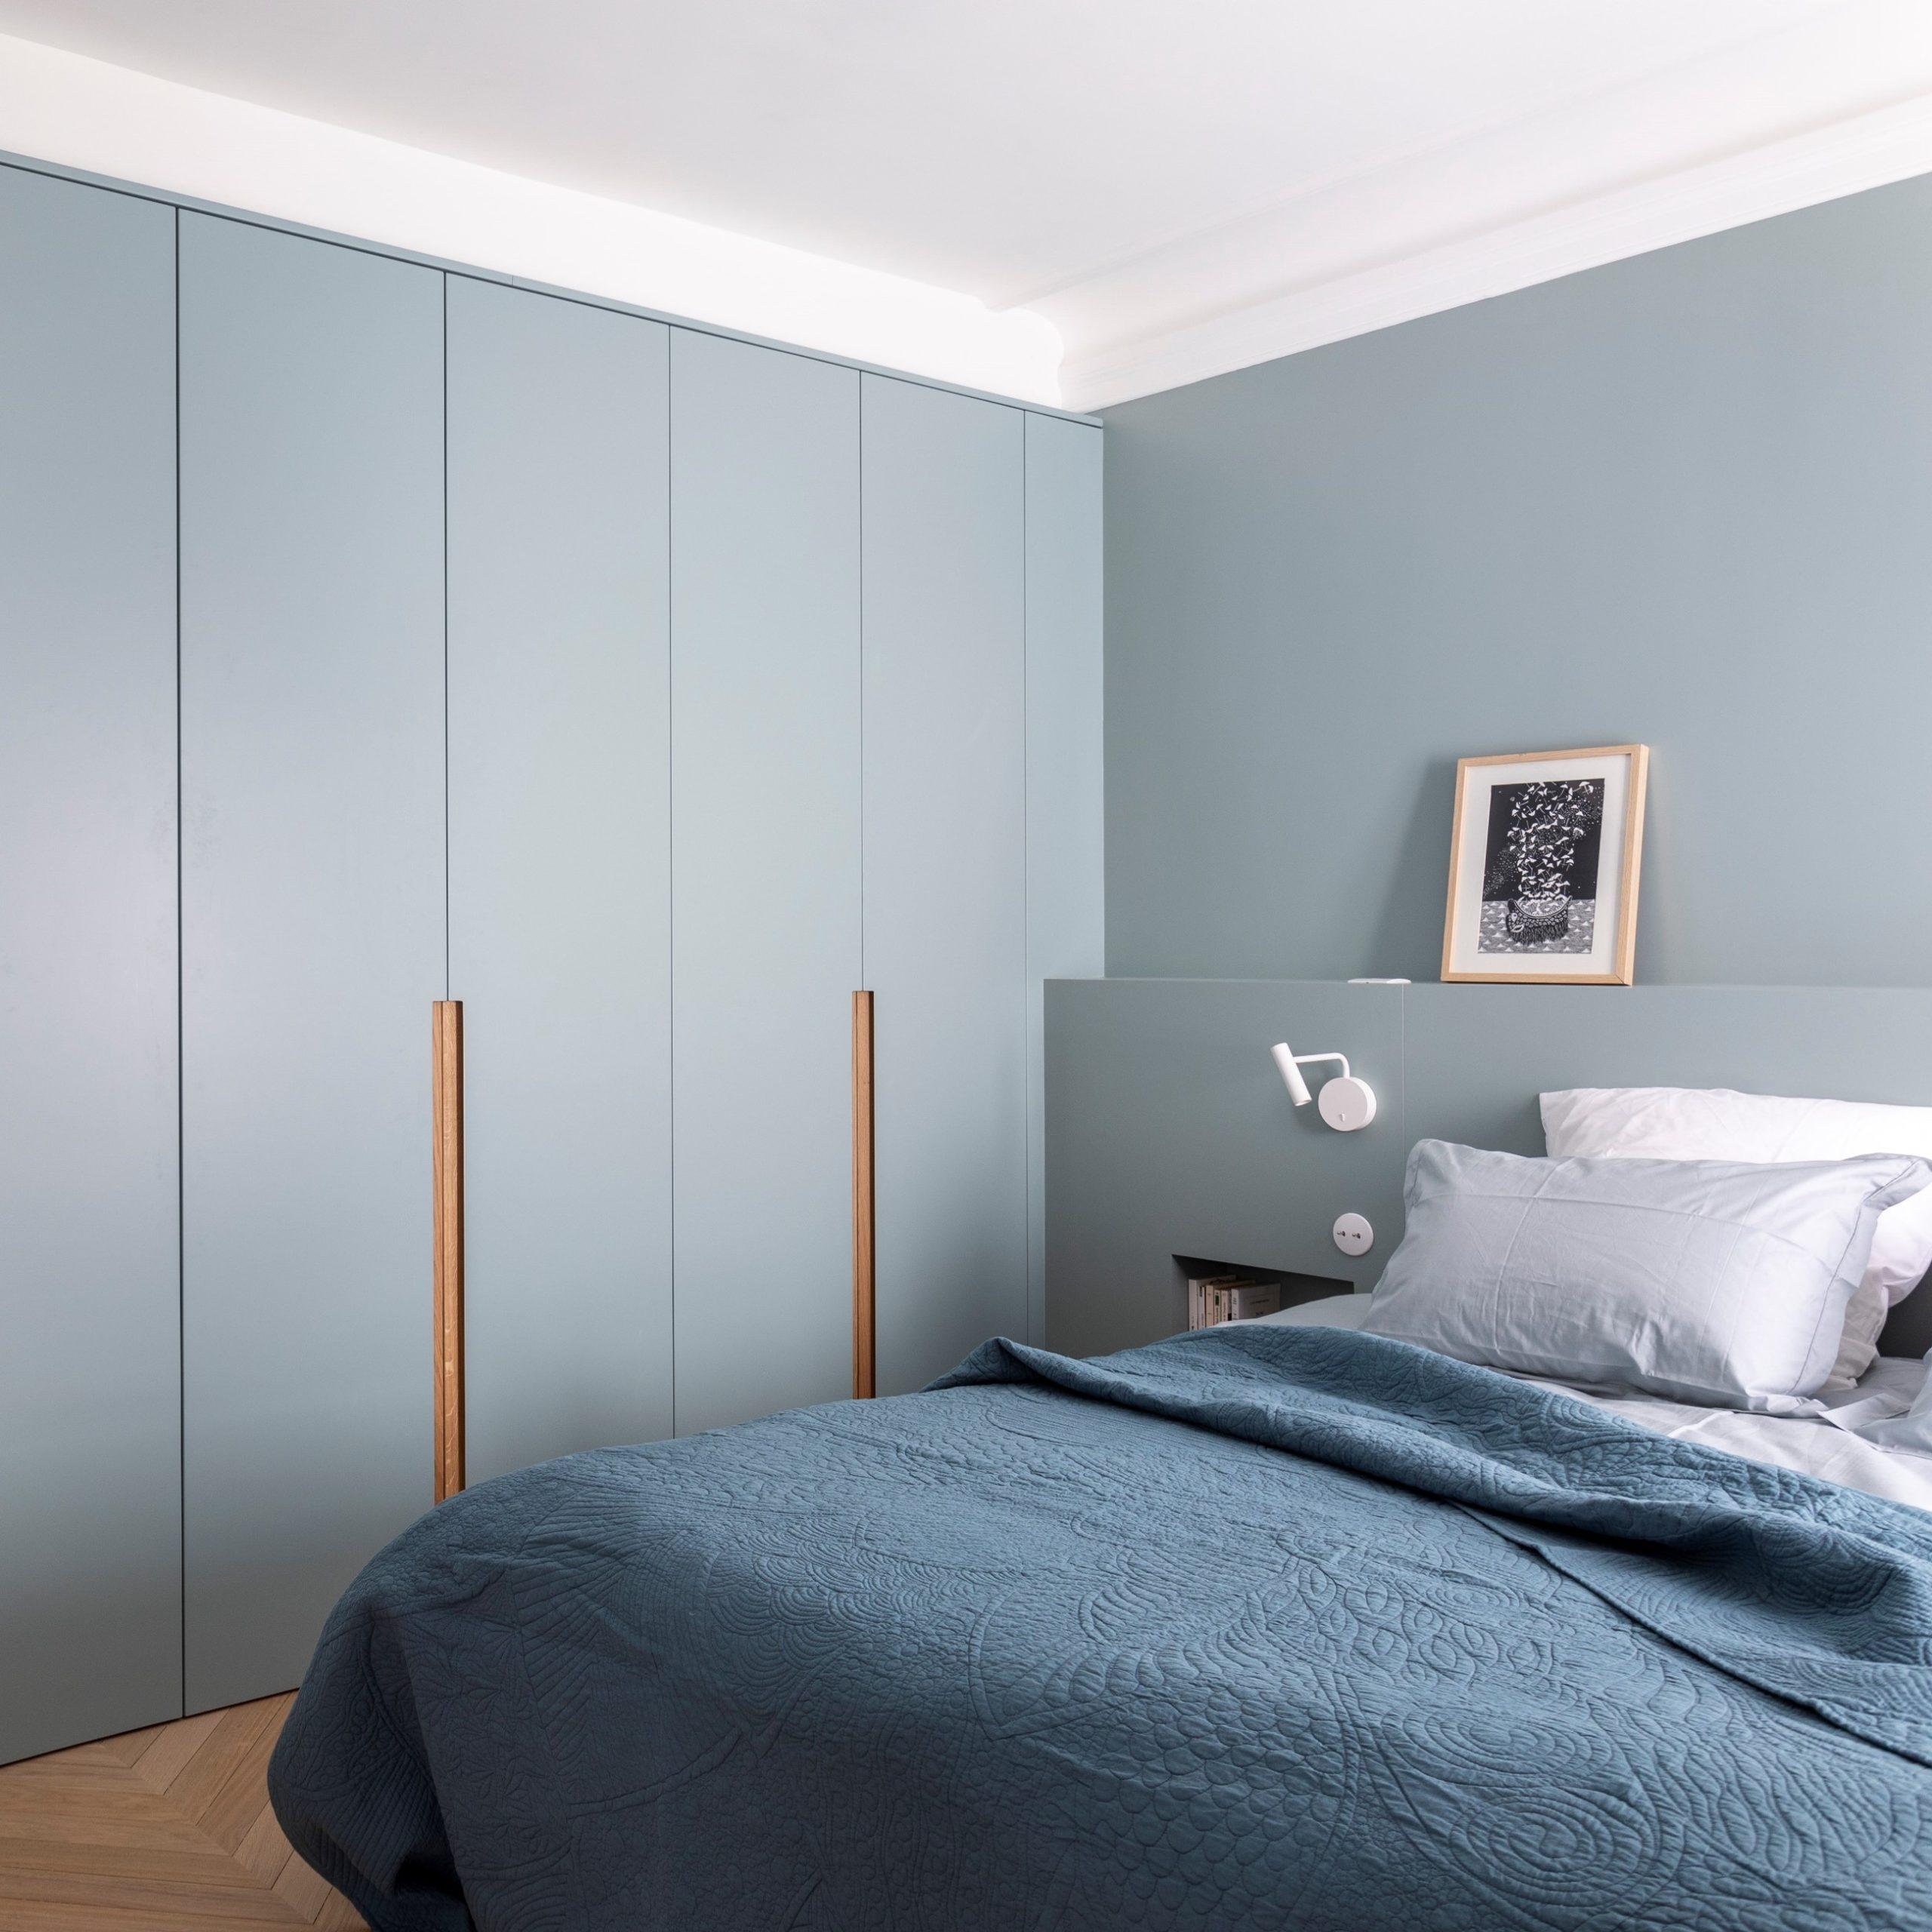 carre chambre bleu dressing tete de lit liseuse astro